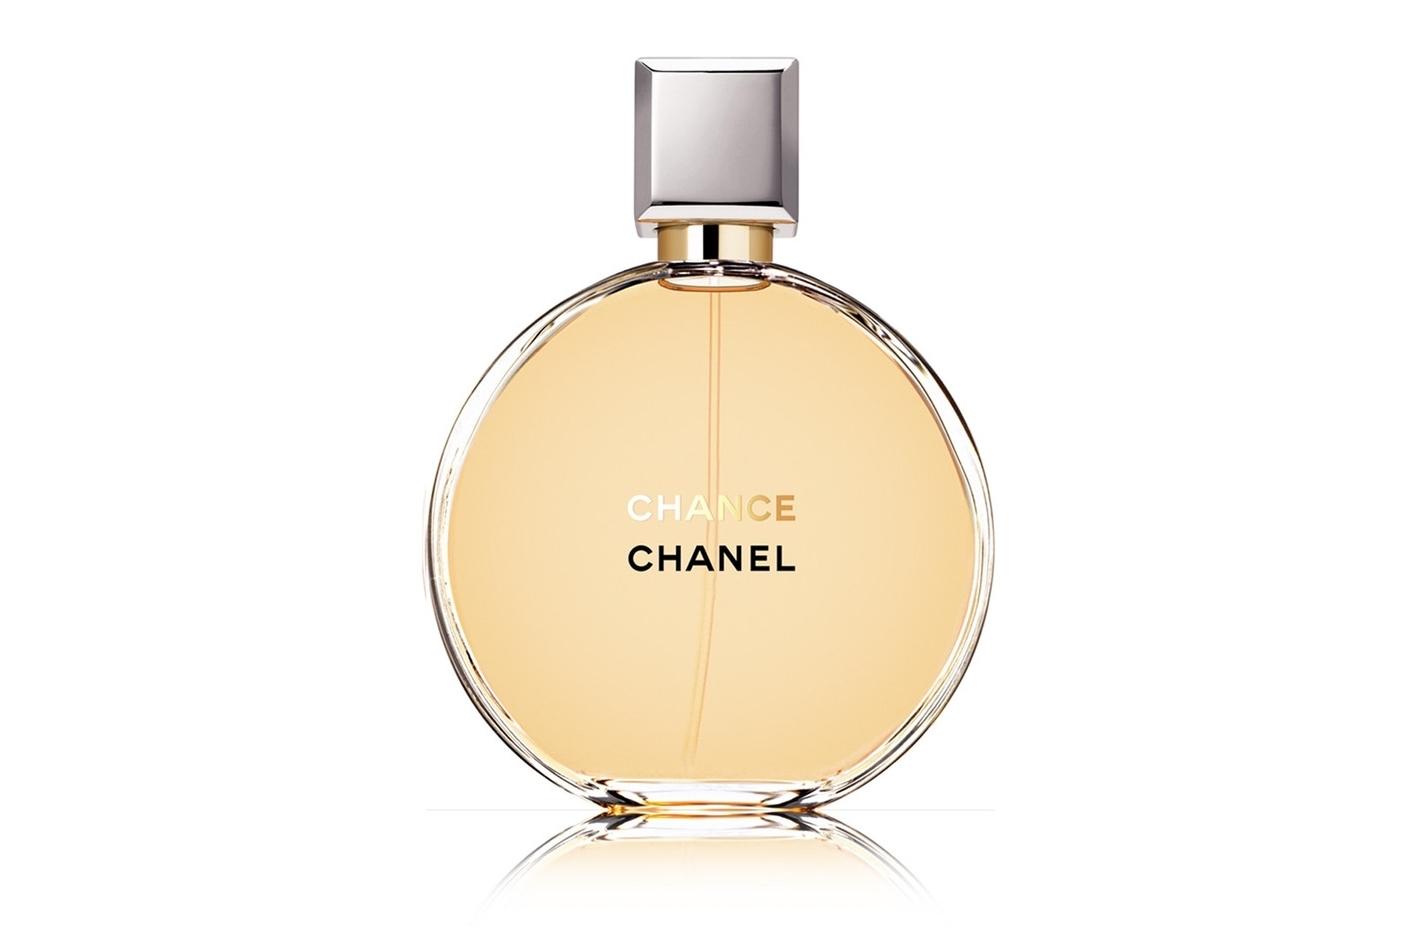 Chanel Chance- стала фантастическим творением, осязаемой легкостью и свежестью,  вызов унылой серьезности и замена её дерзостью и смелостью. Парфюм для молодых и мечтательных женщин. Каждую минутку этот аромат подарит вам неожиданные, неповторимые нотки и радость перевоплощения. Подойдёт обворожительныйм девушекам, и женщинам, которые не боятся перемен и поиска нового в своем характере, в своем облике. Самый неожиданный аромат CHANEL. Аромат для тех, кто знает: что шанс вам улыбнулся, в него надо верить!  Это  любовный танец.